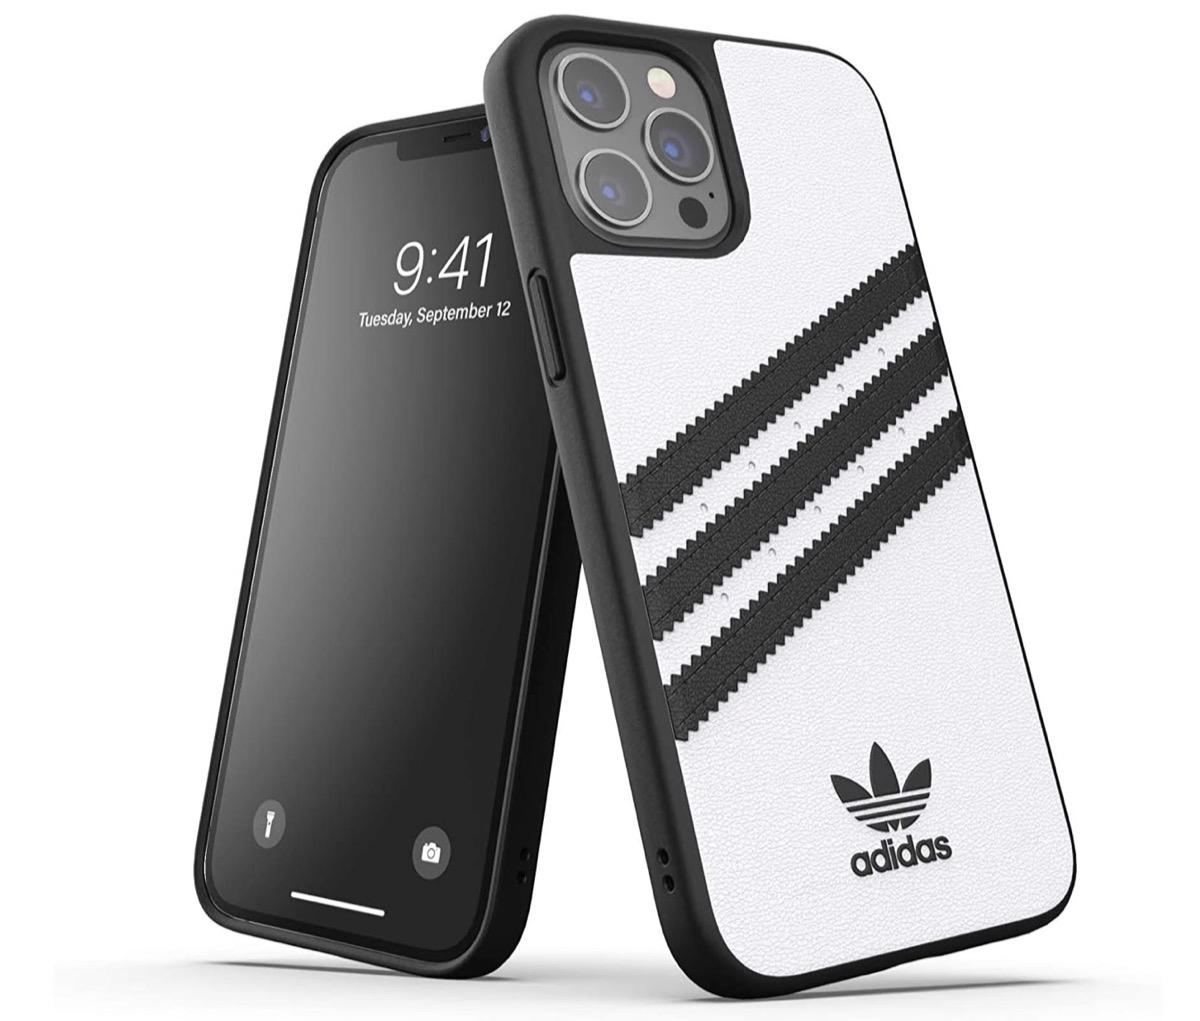 Le custodie Adidas per iPhone serie 12 (e non solo) sono in sconto su Amazon